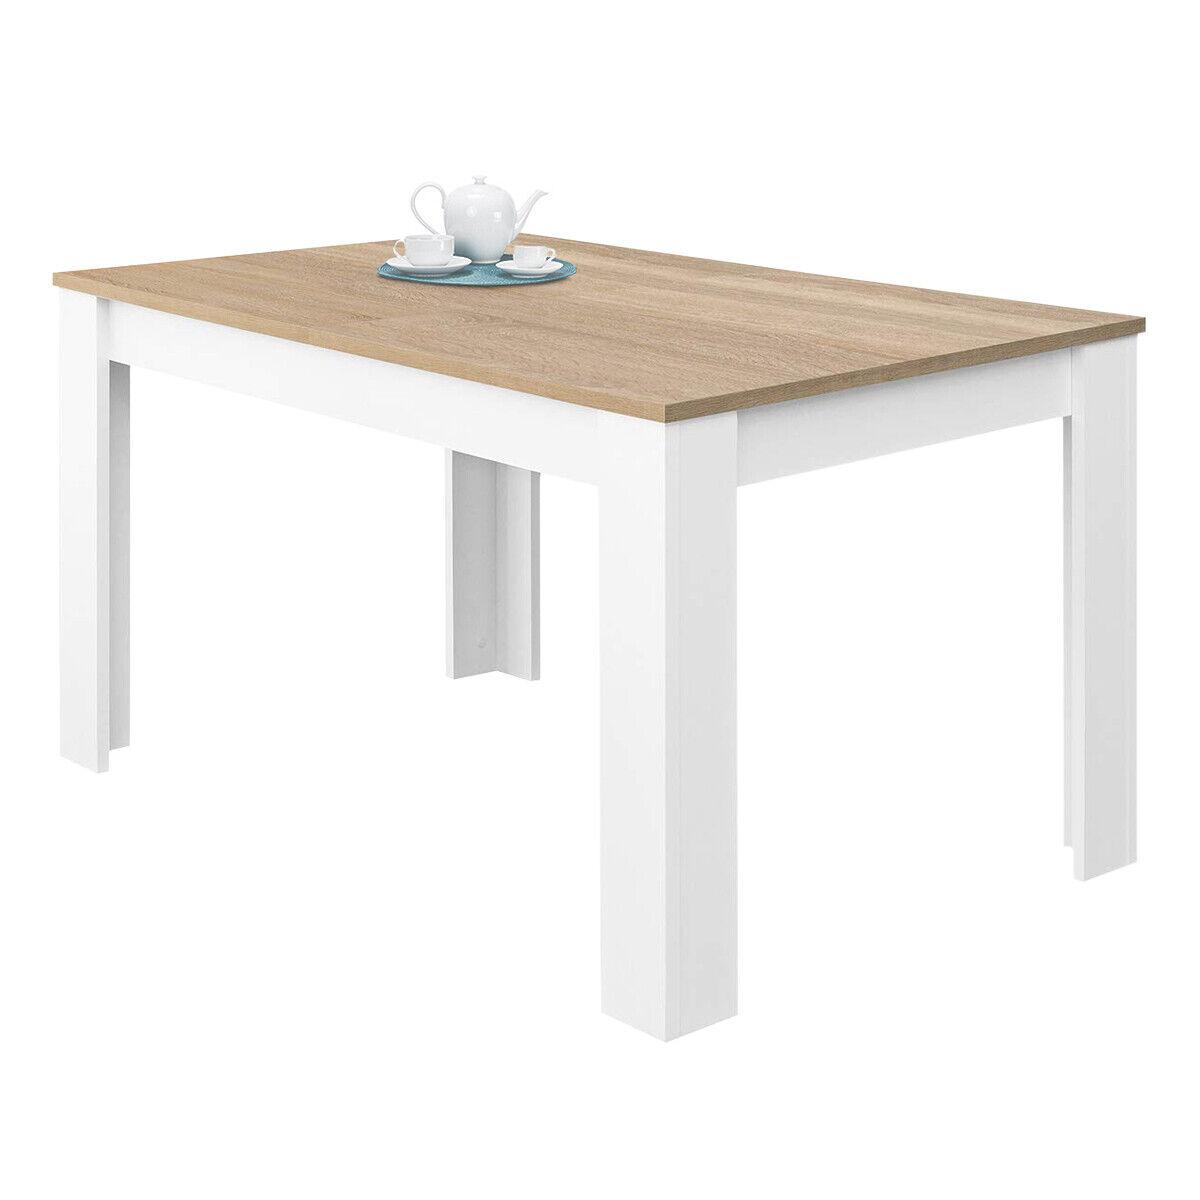 Mesa de comedor salón, extensible mesa de cocina, mueble salon, Blanco y...